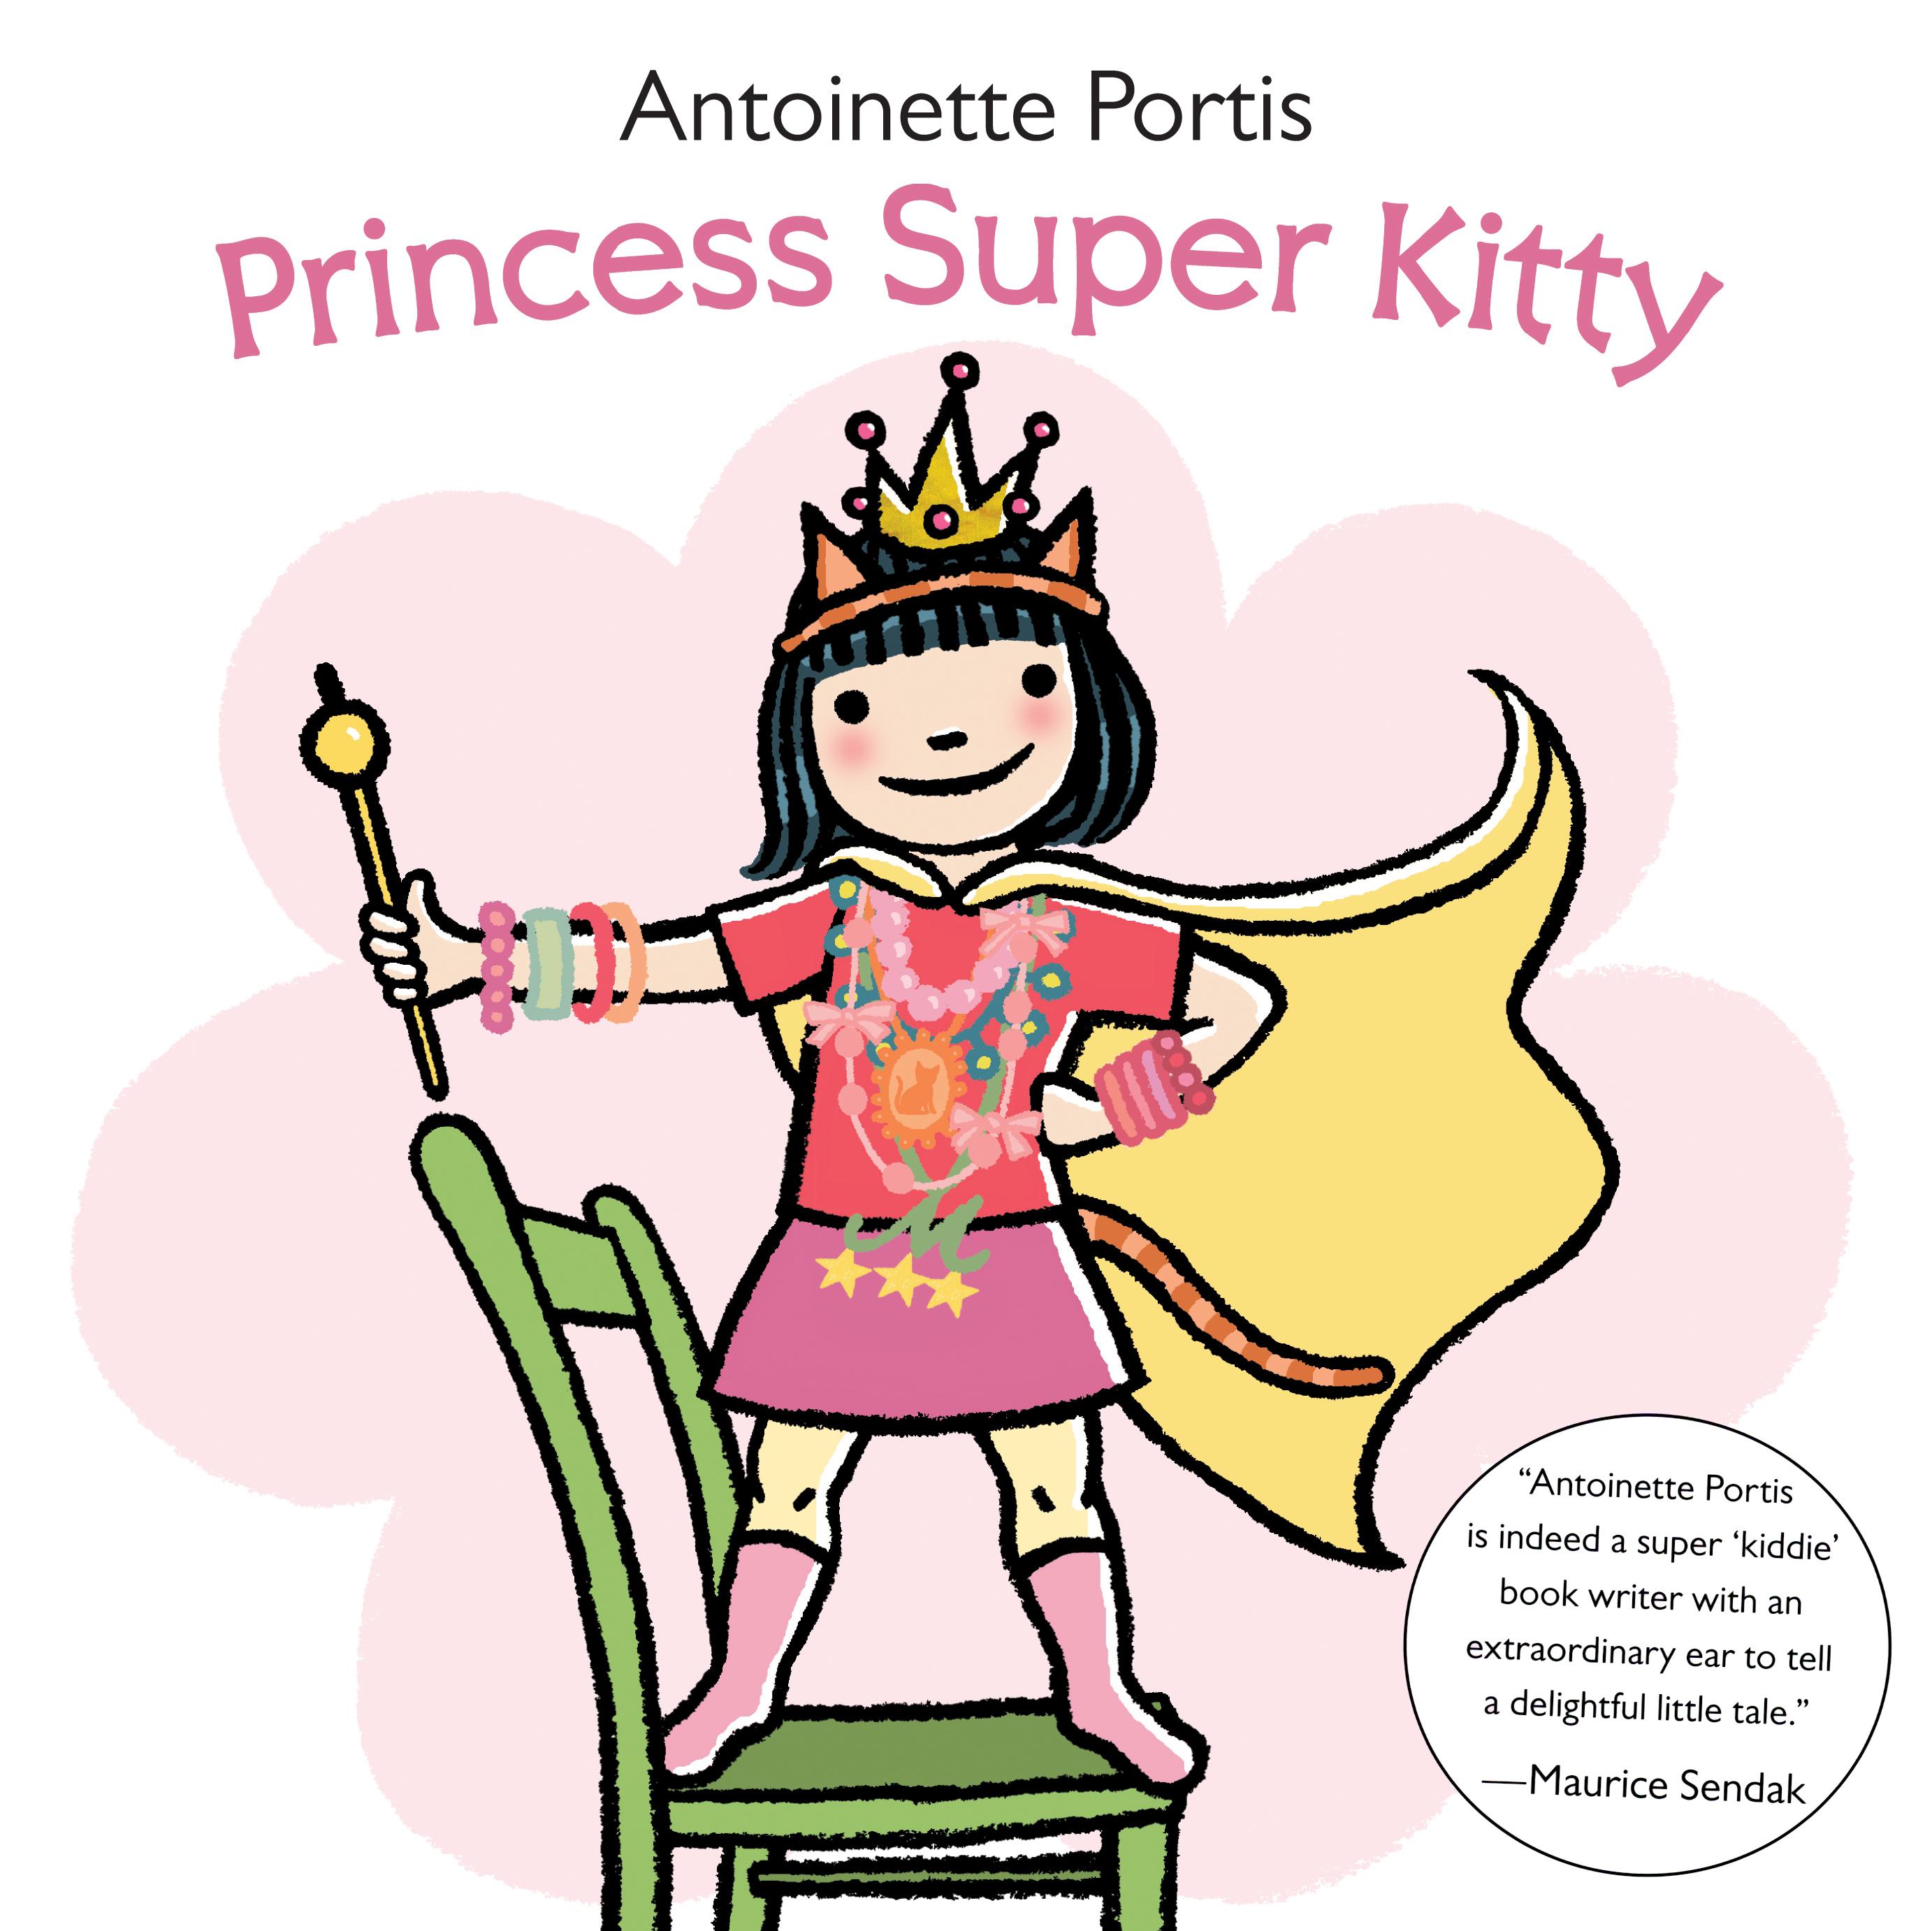 Antoinette Portis books